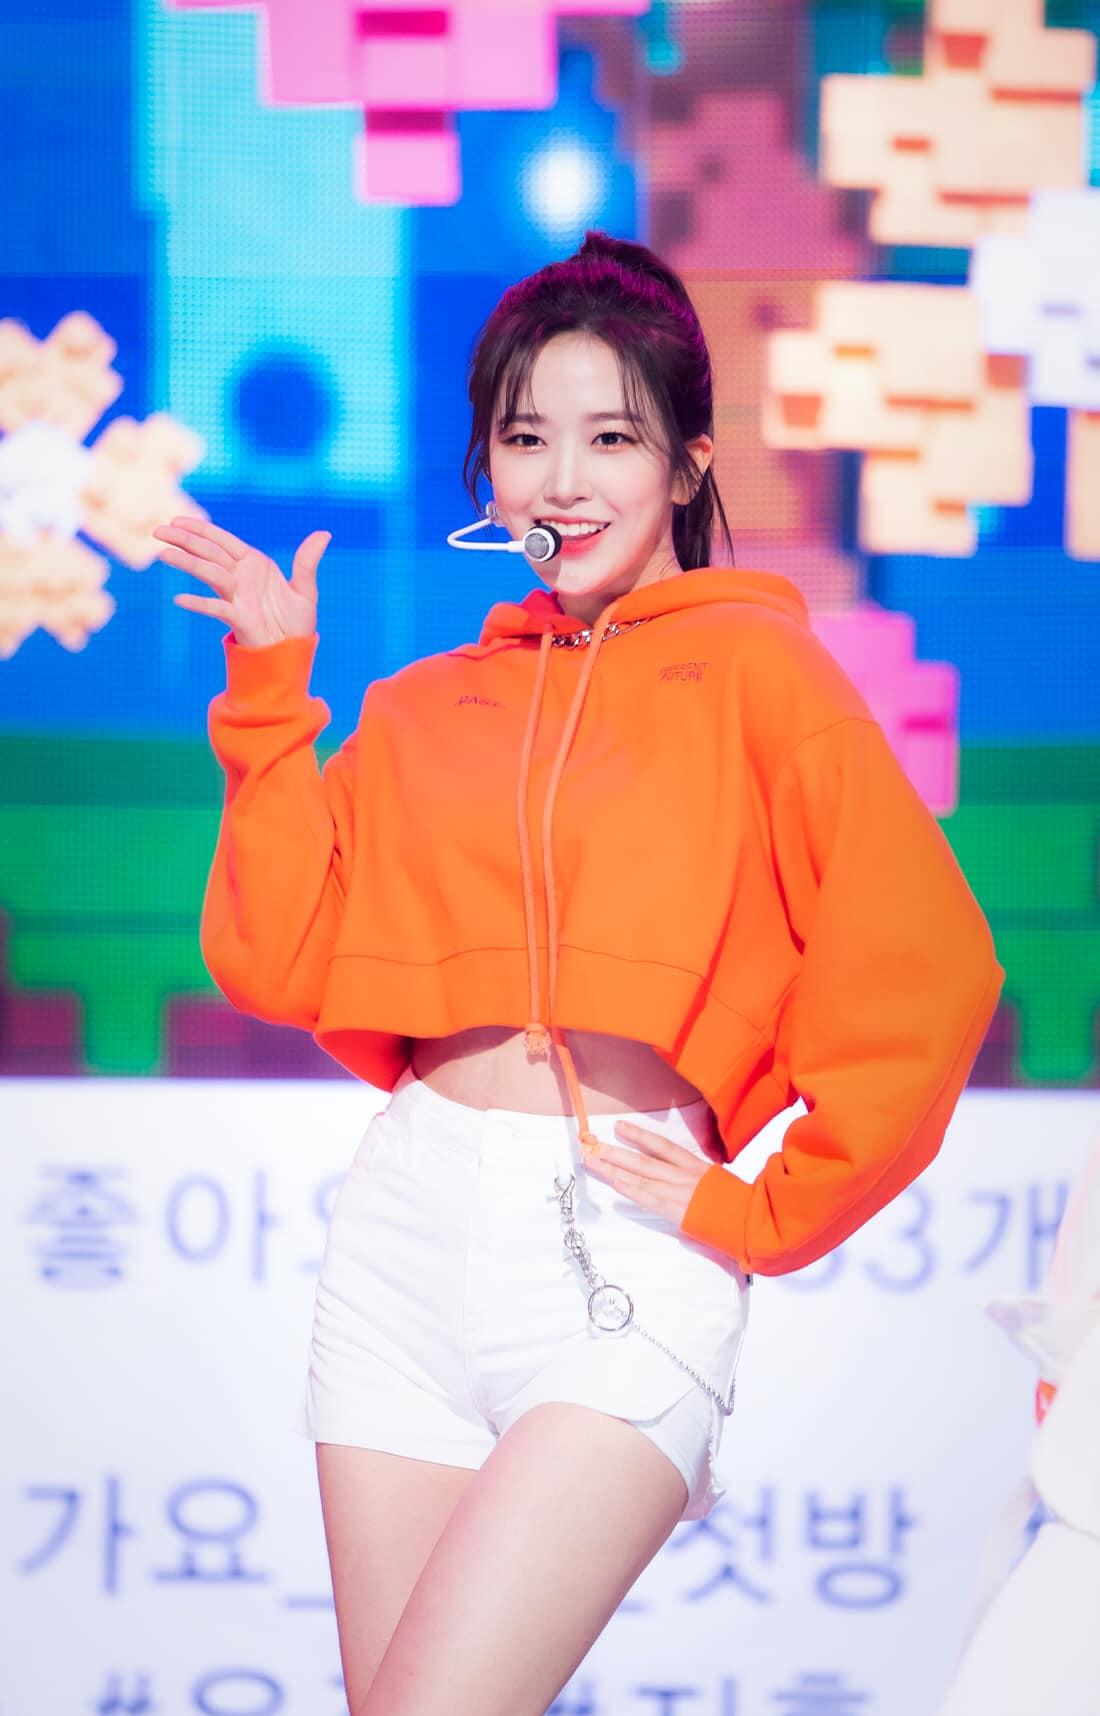 Trong một sân khấu của các MC, Ahn Yu Jin mặc áo hoodie crop top và quần shorts khoe dáng đẹp. Llàn da trắng mịn và gương mặt rạng rỡ của mỹ nhân IZONE rất hợp với tông màu cam - trắng.